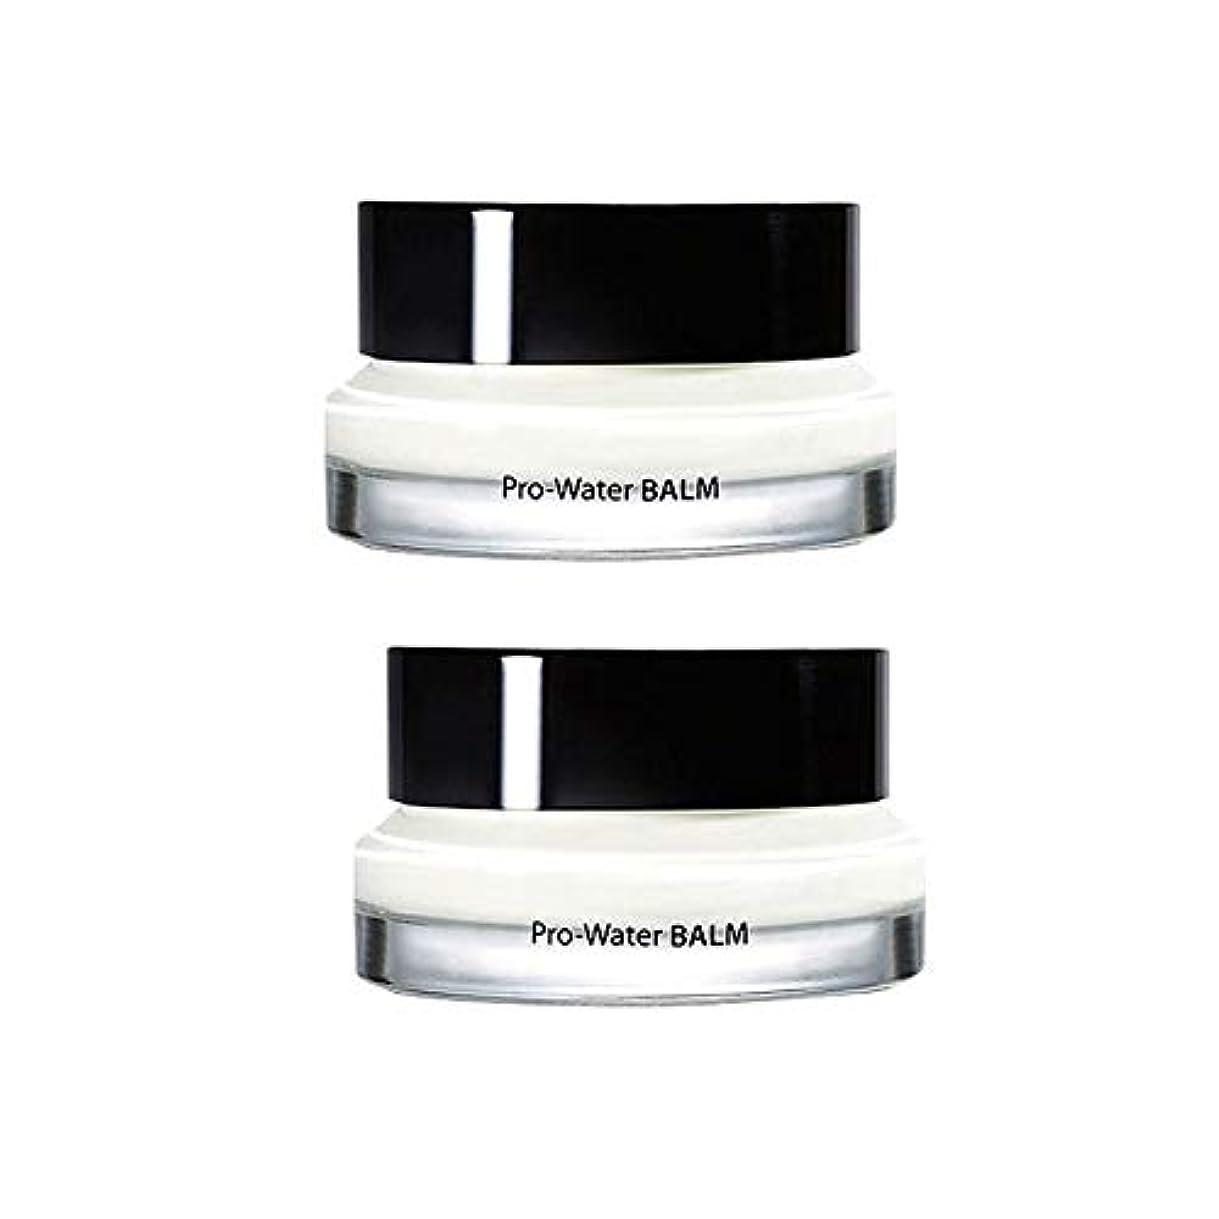 扱う薄めるのためにルナプロウォーターbalm 50mlx2本セット韓国コスメ、Luna Pro-Water Balm 50ml x 2ea Set Korean Cosmetics [並行輸入品]